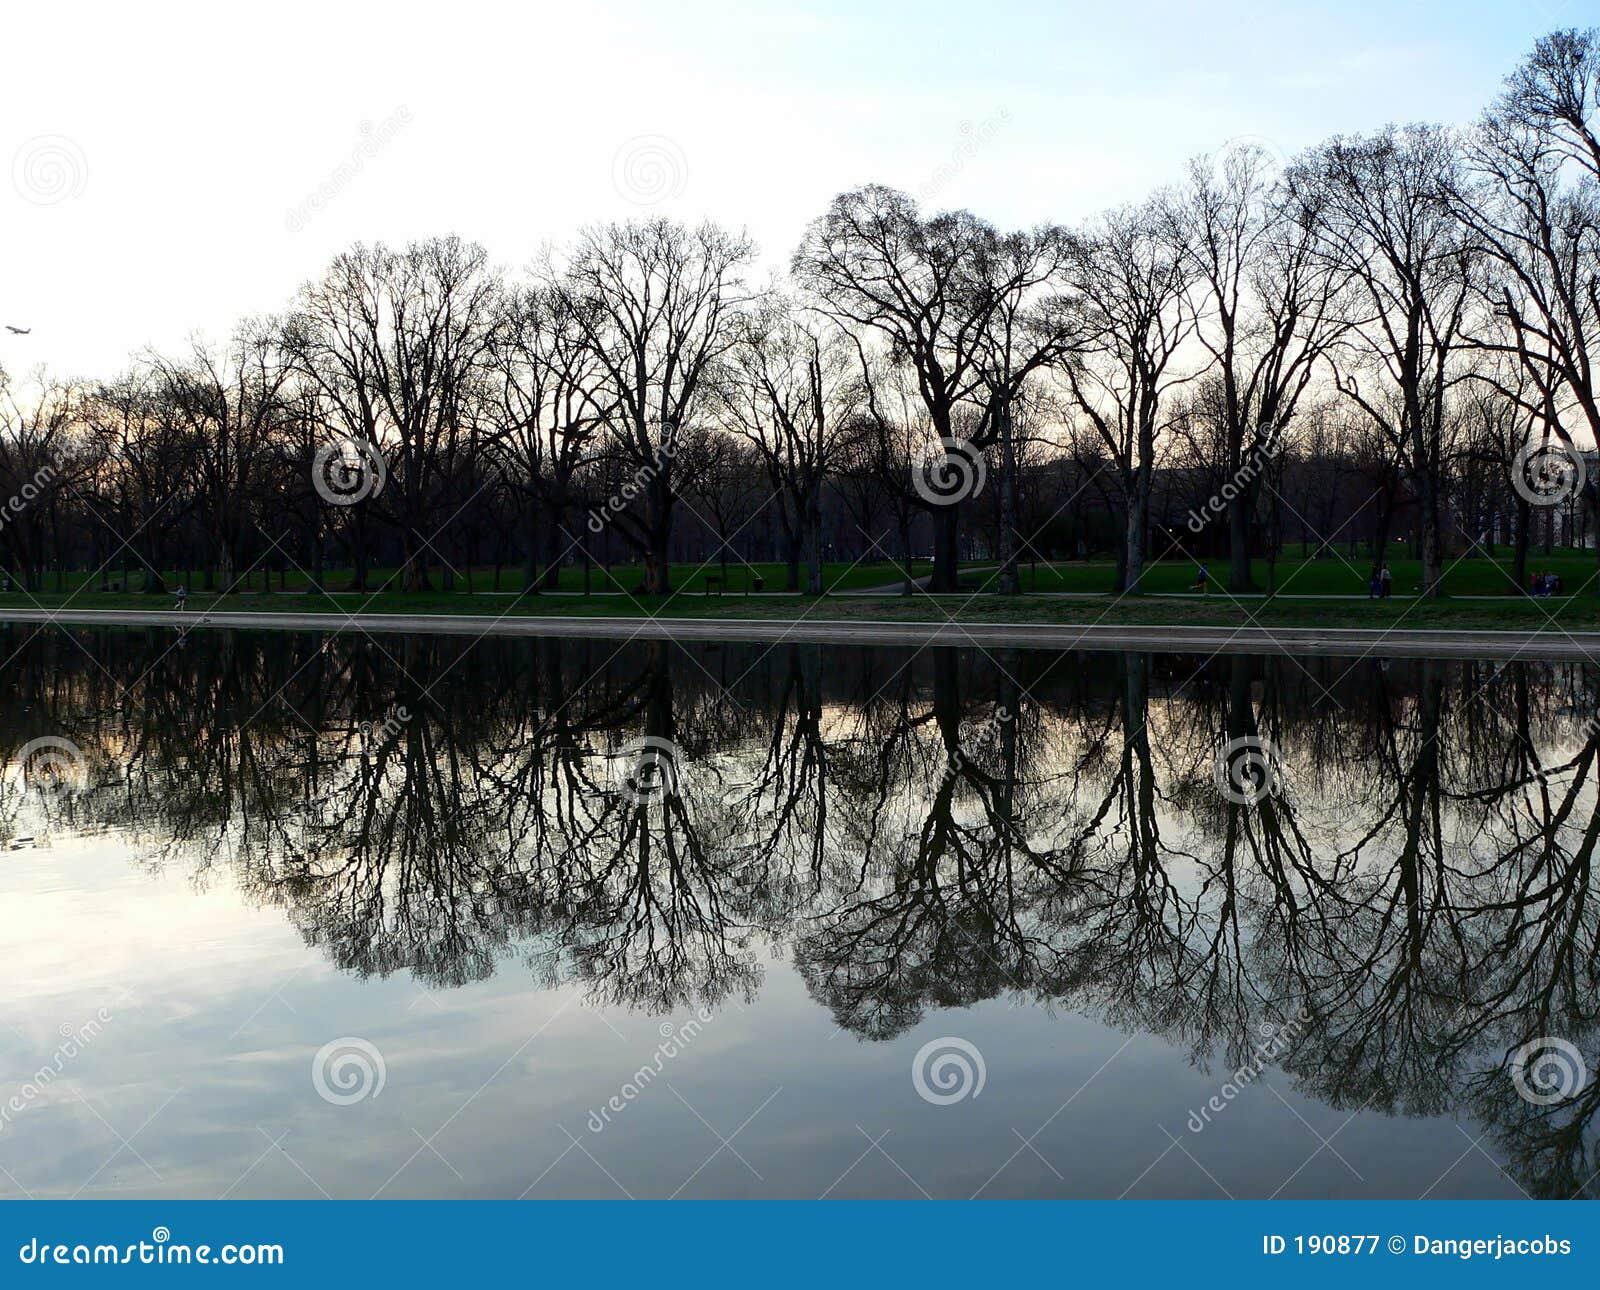 Tree washington för minnes- pöl för dc lincoln reflekterande